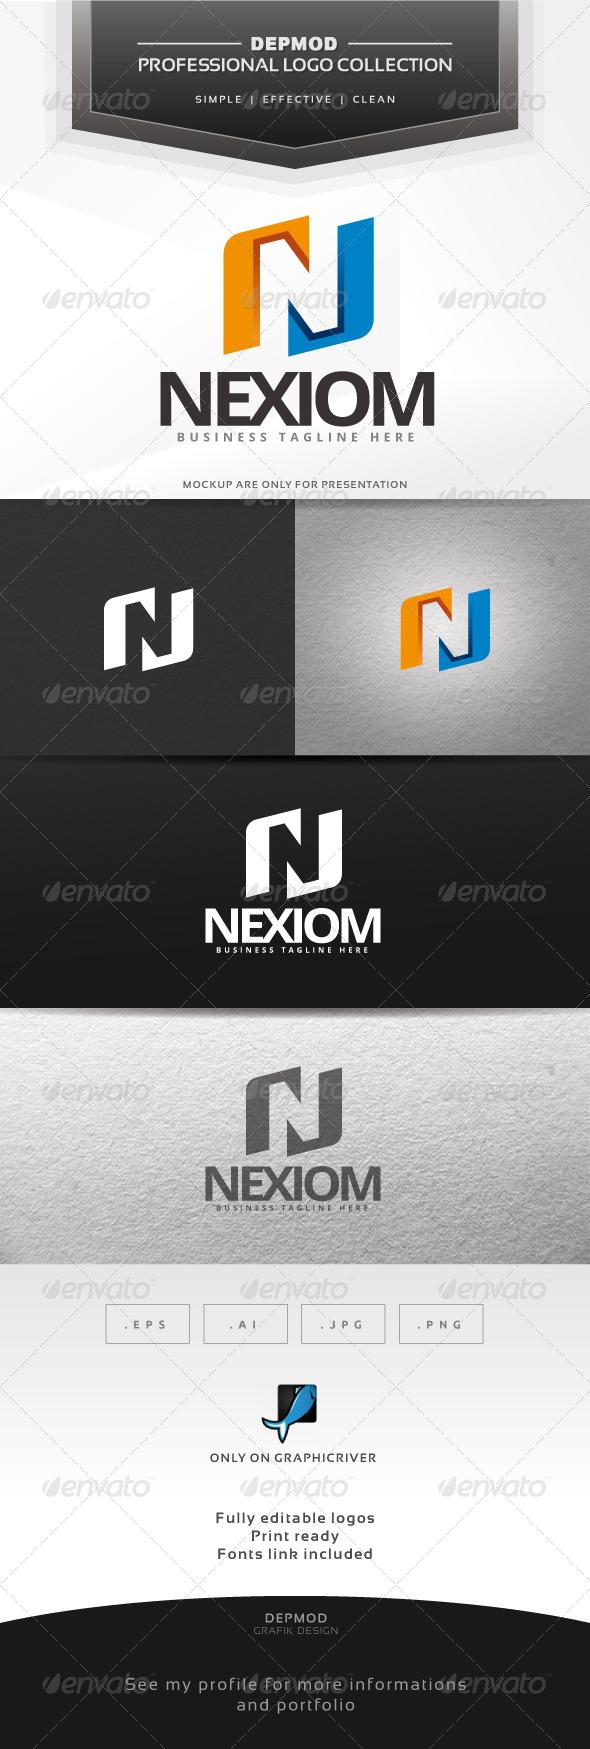 GraphicRiver Nexiom Logo 6462892